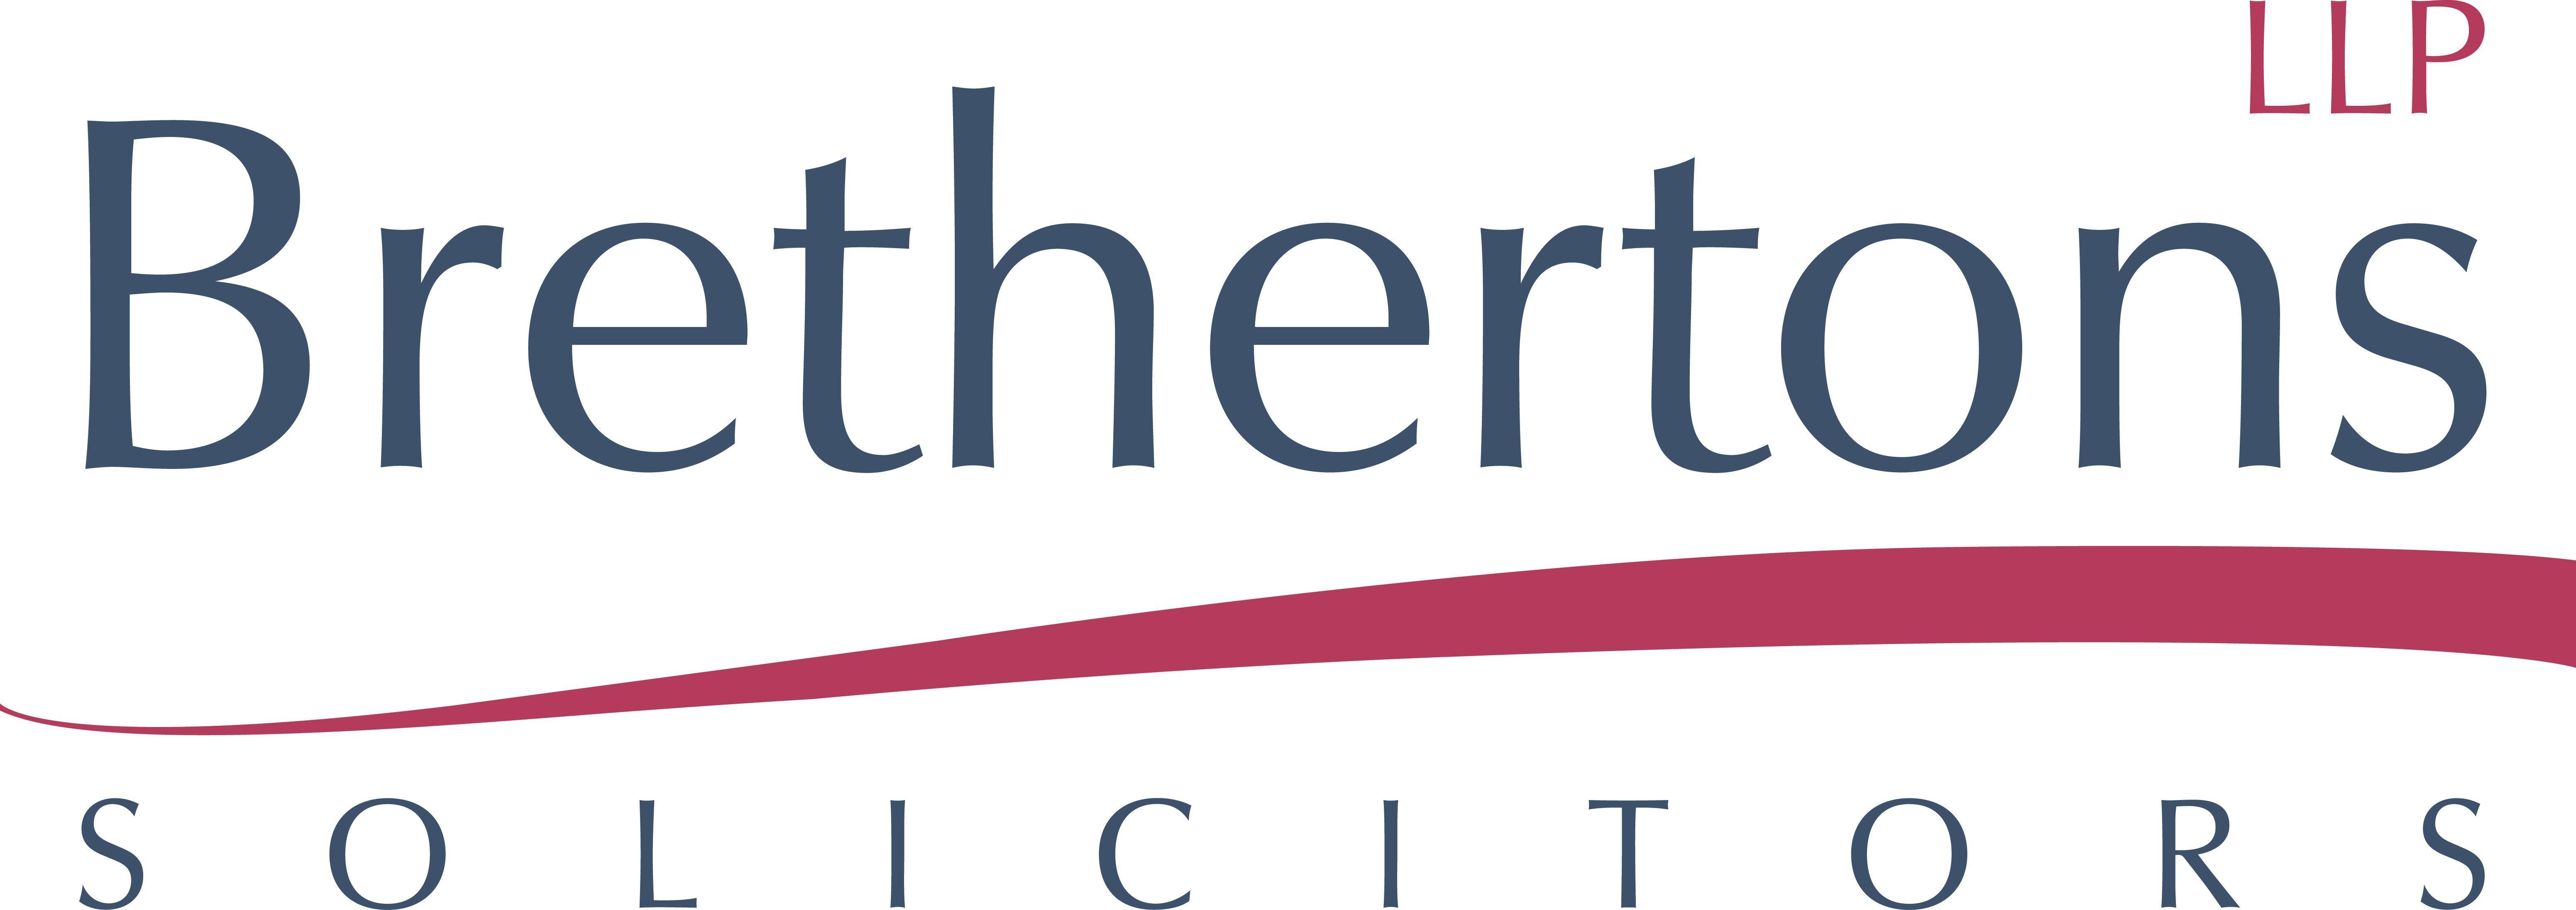 Brethertons Solicitors LLP hi res (300dpi)